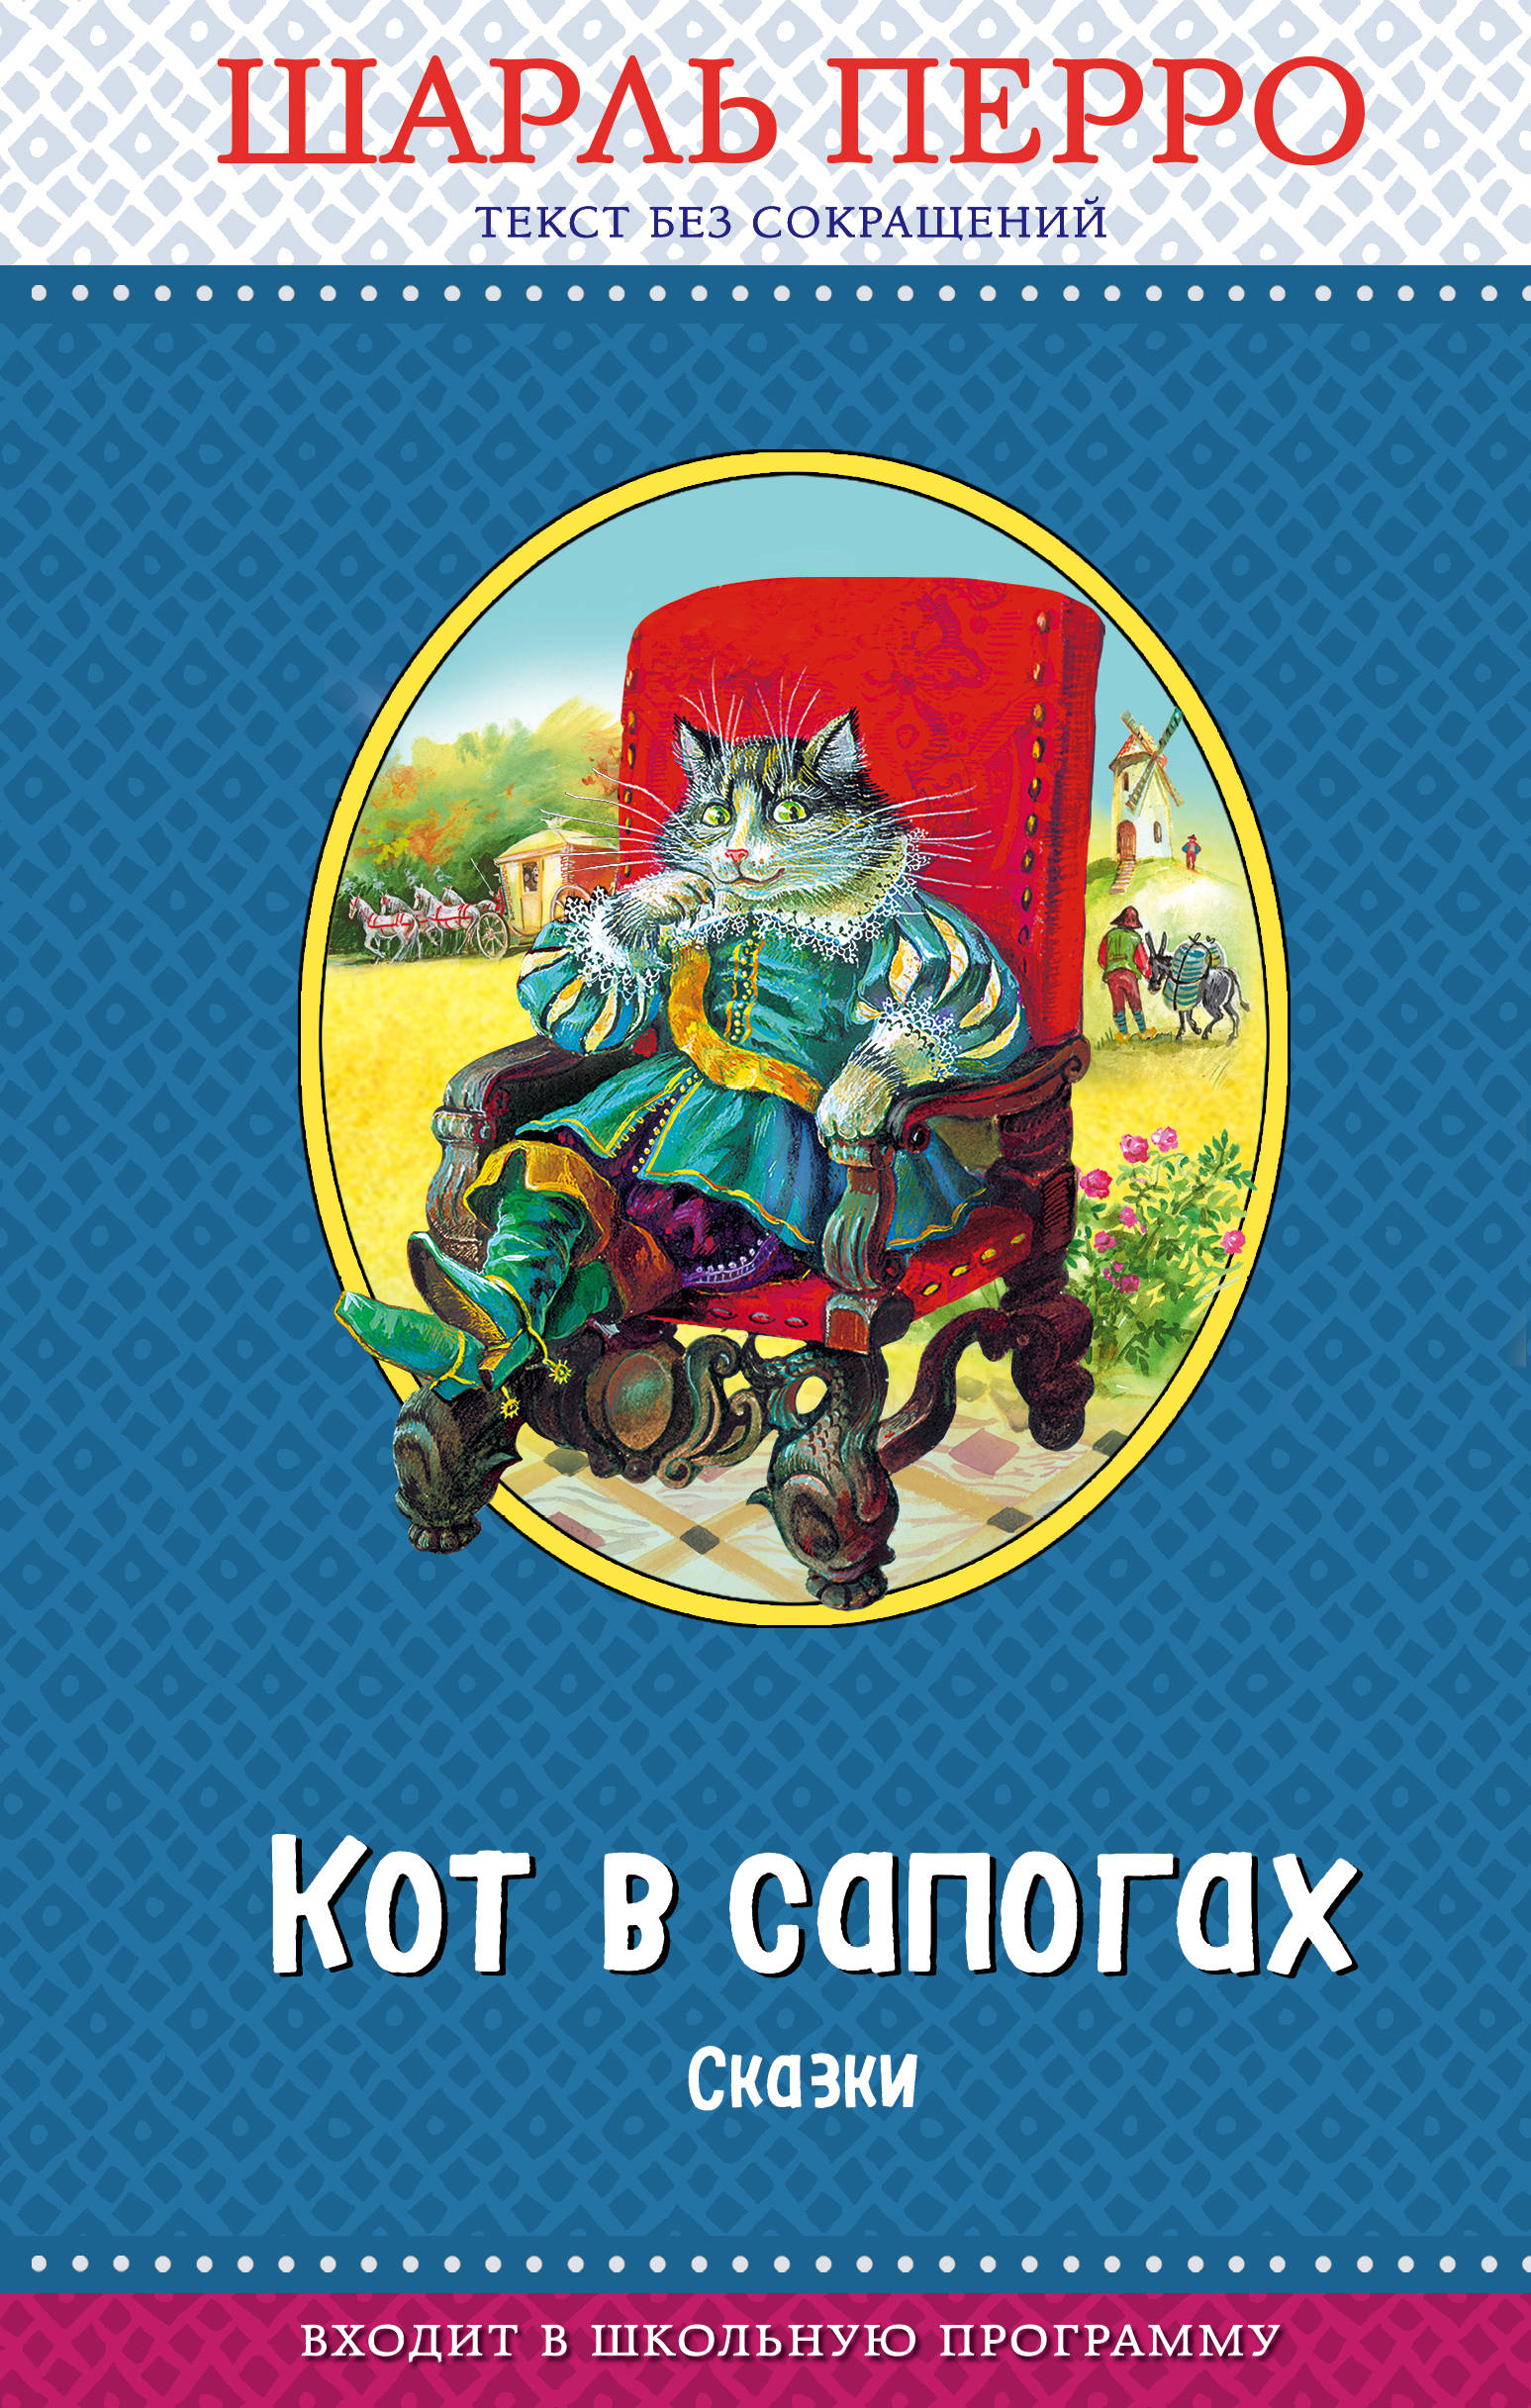 Кот в сапогах. Сказки (ил. А. Власовой)